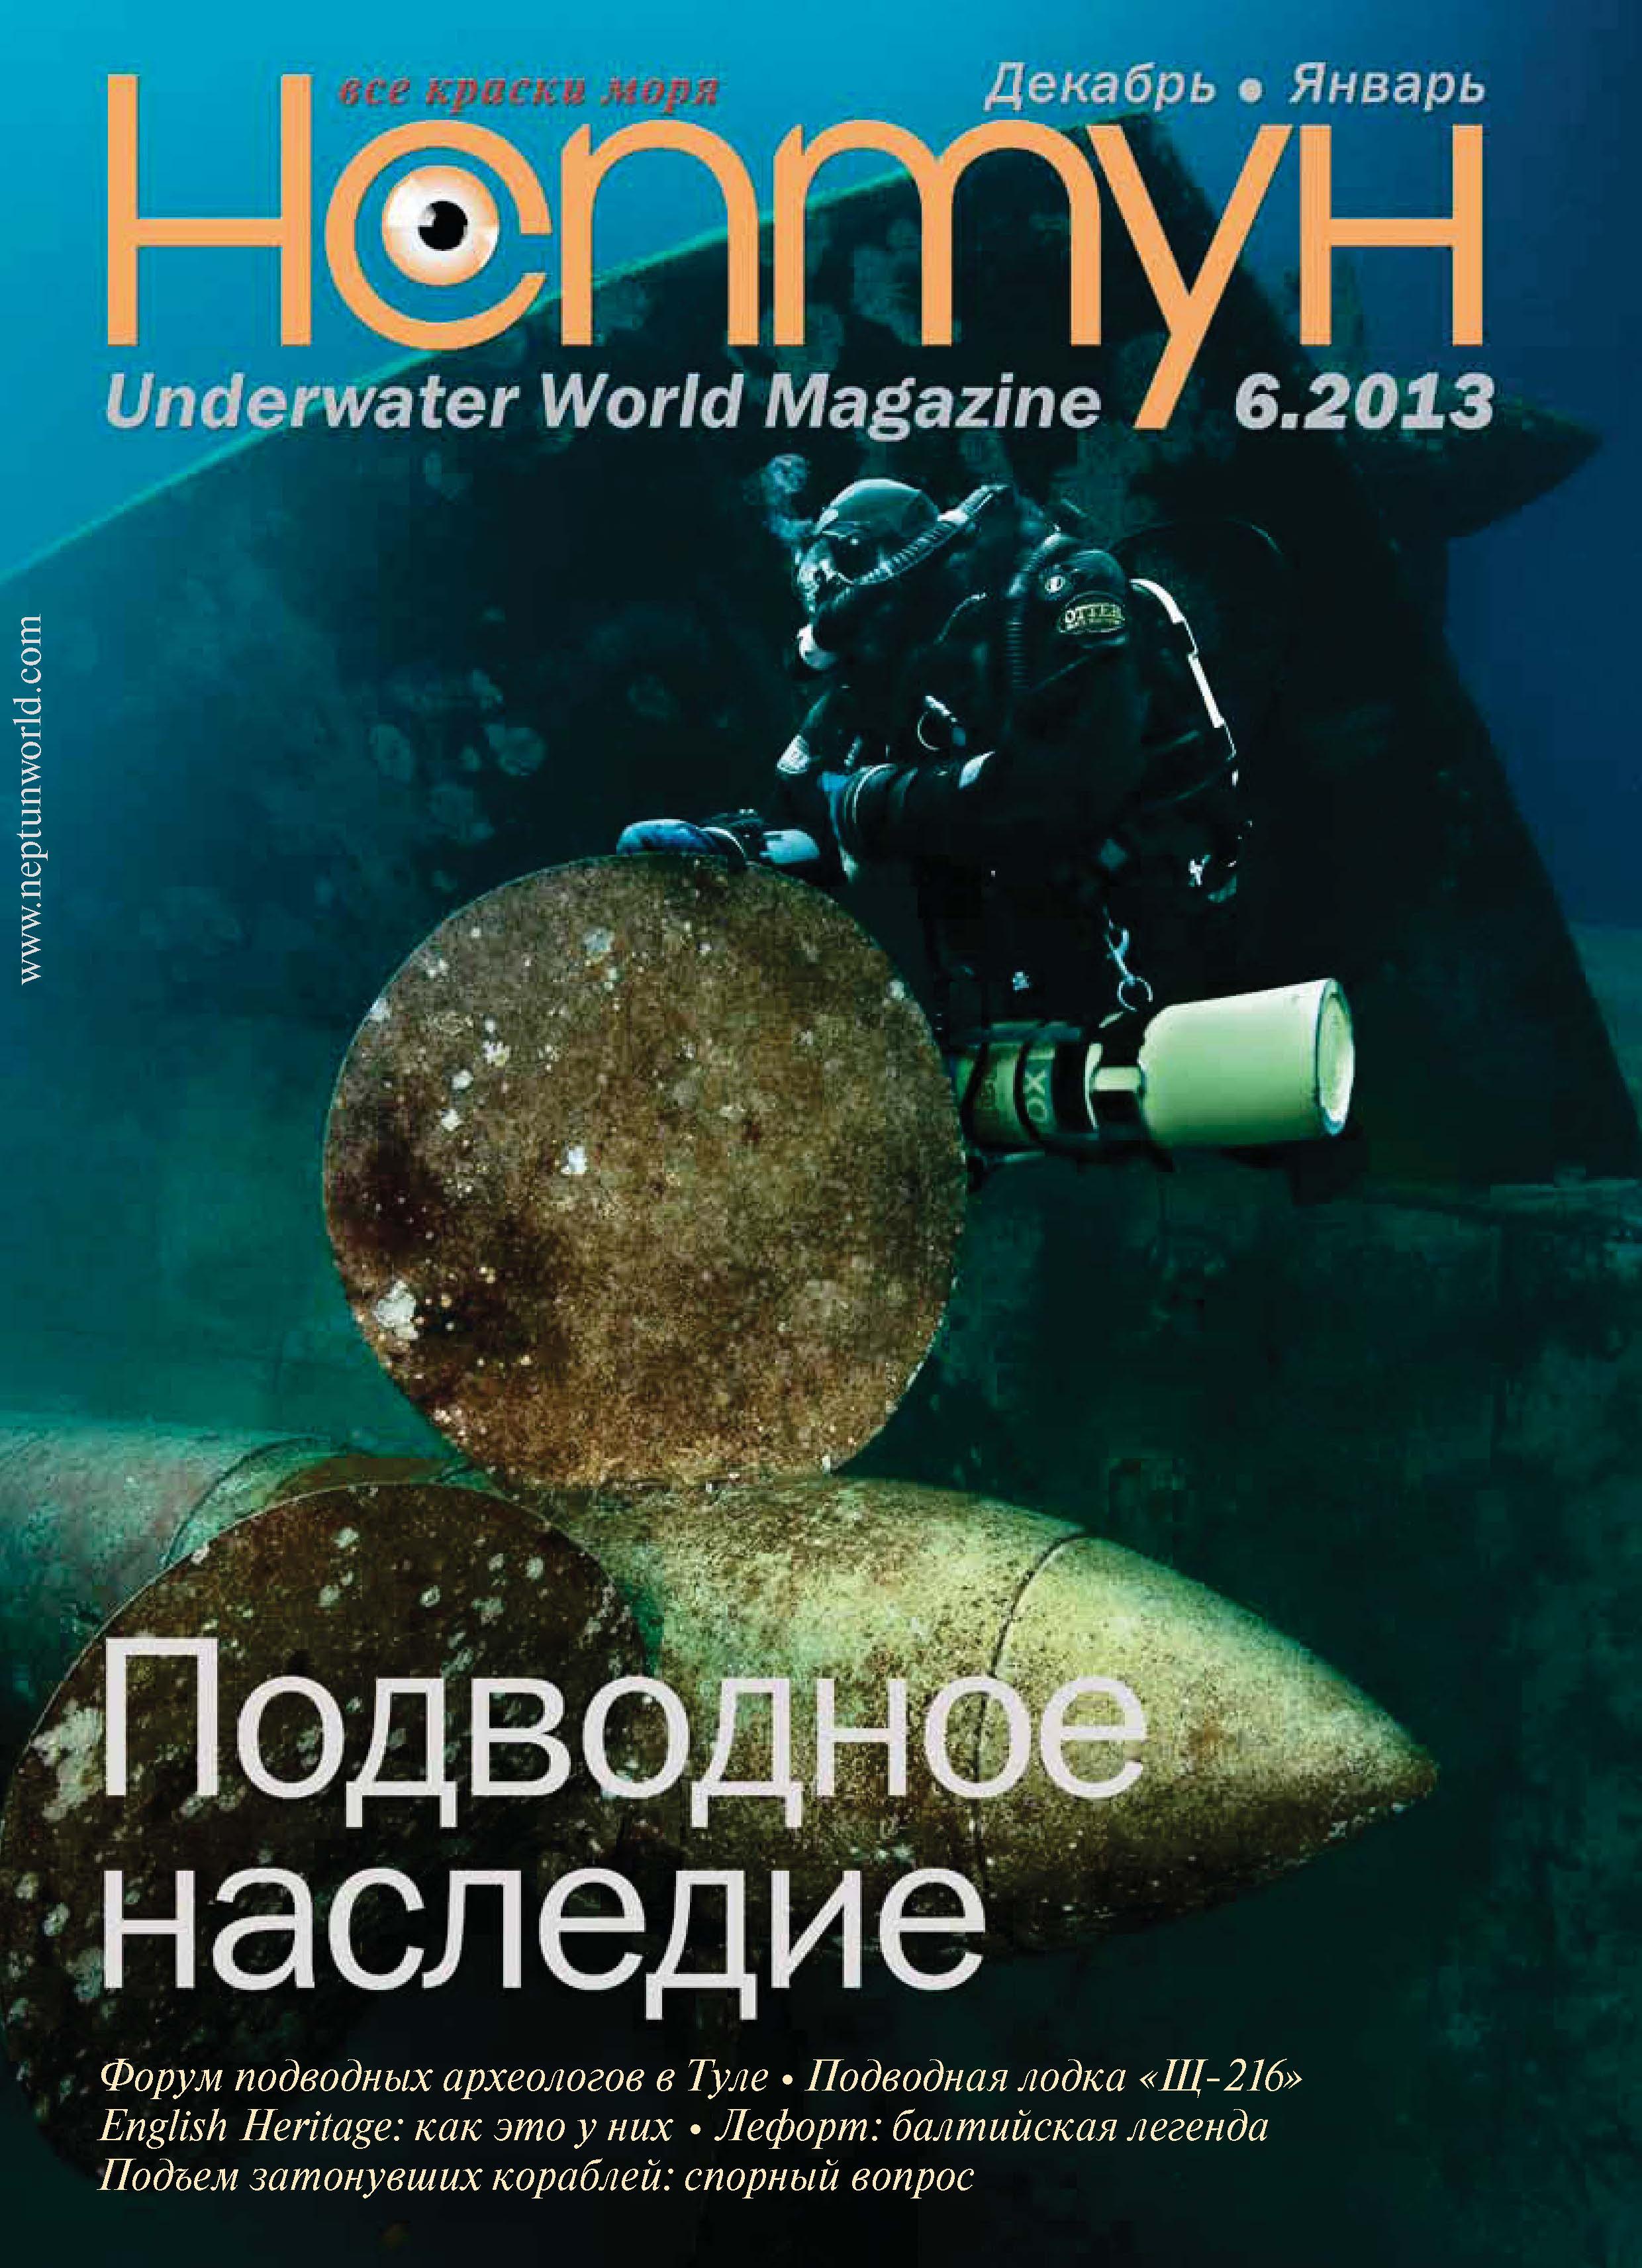 Нептун №6/2013